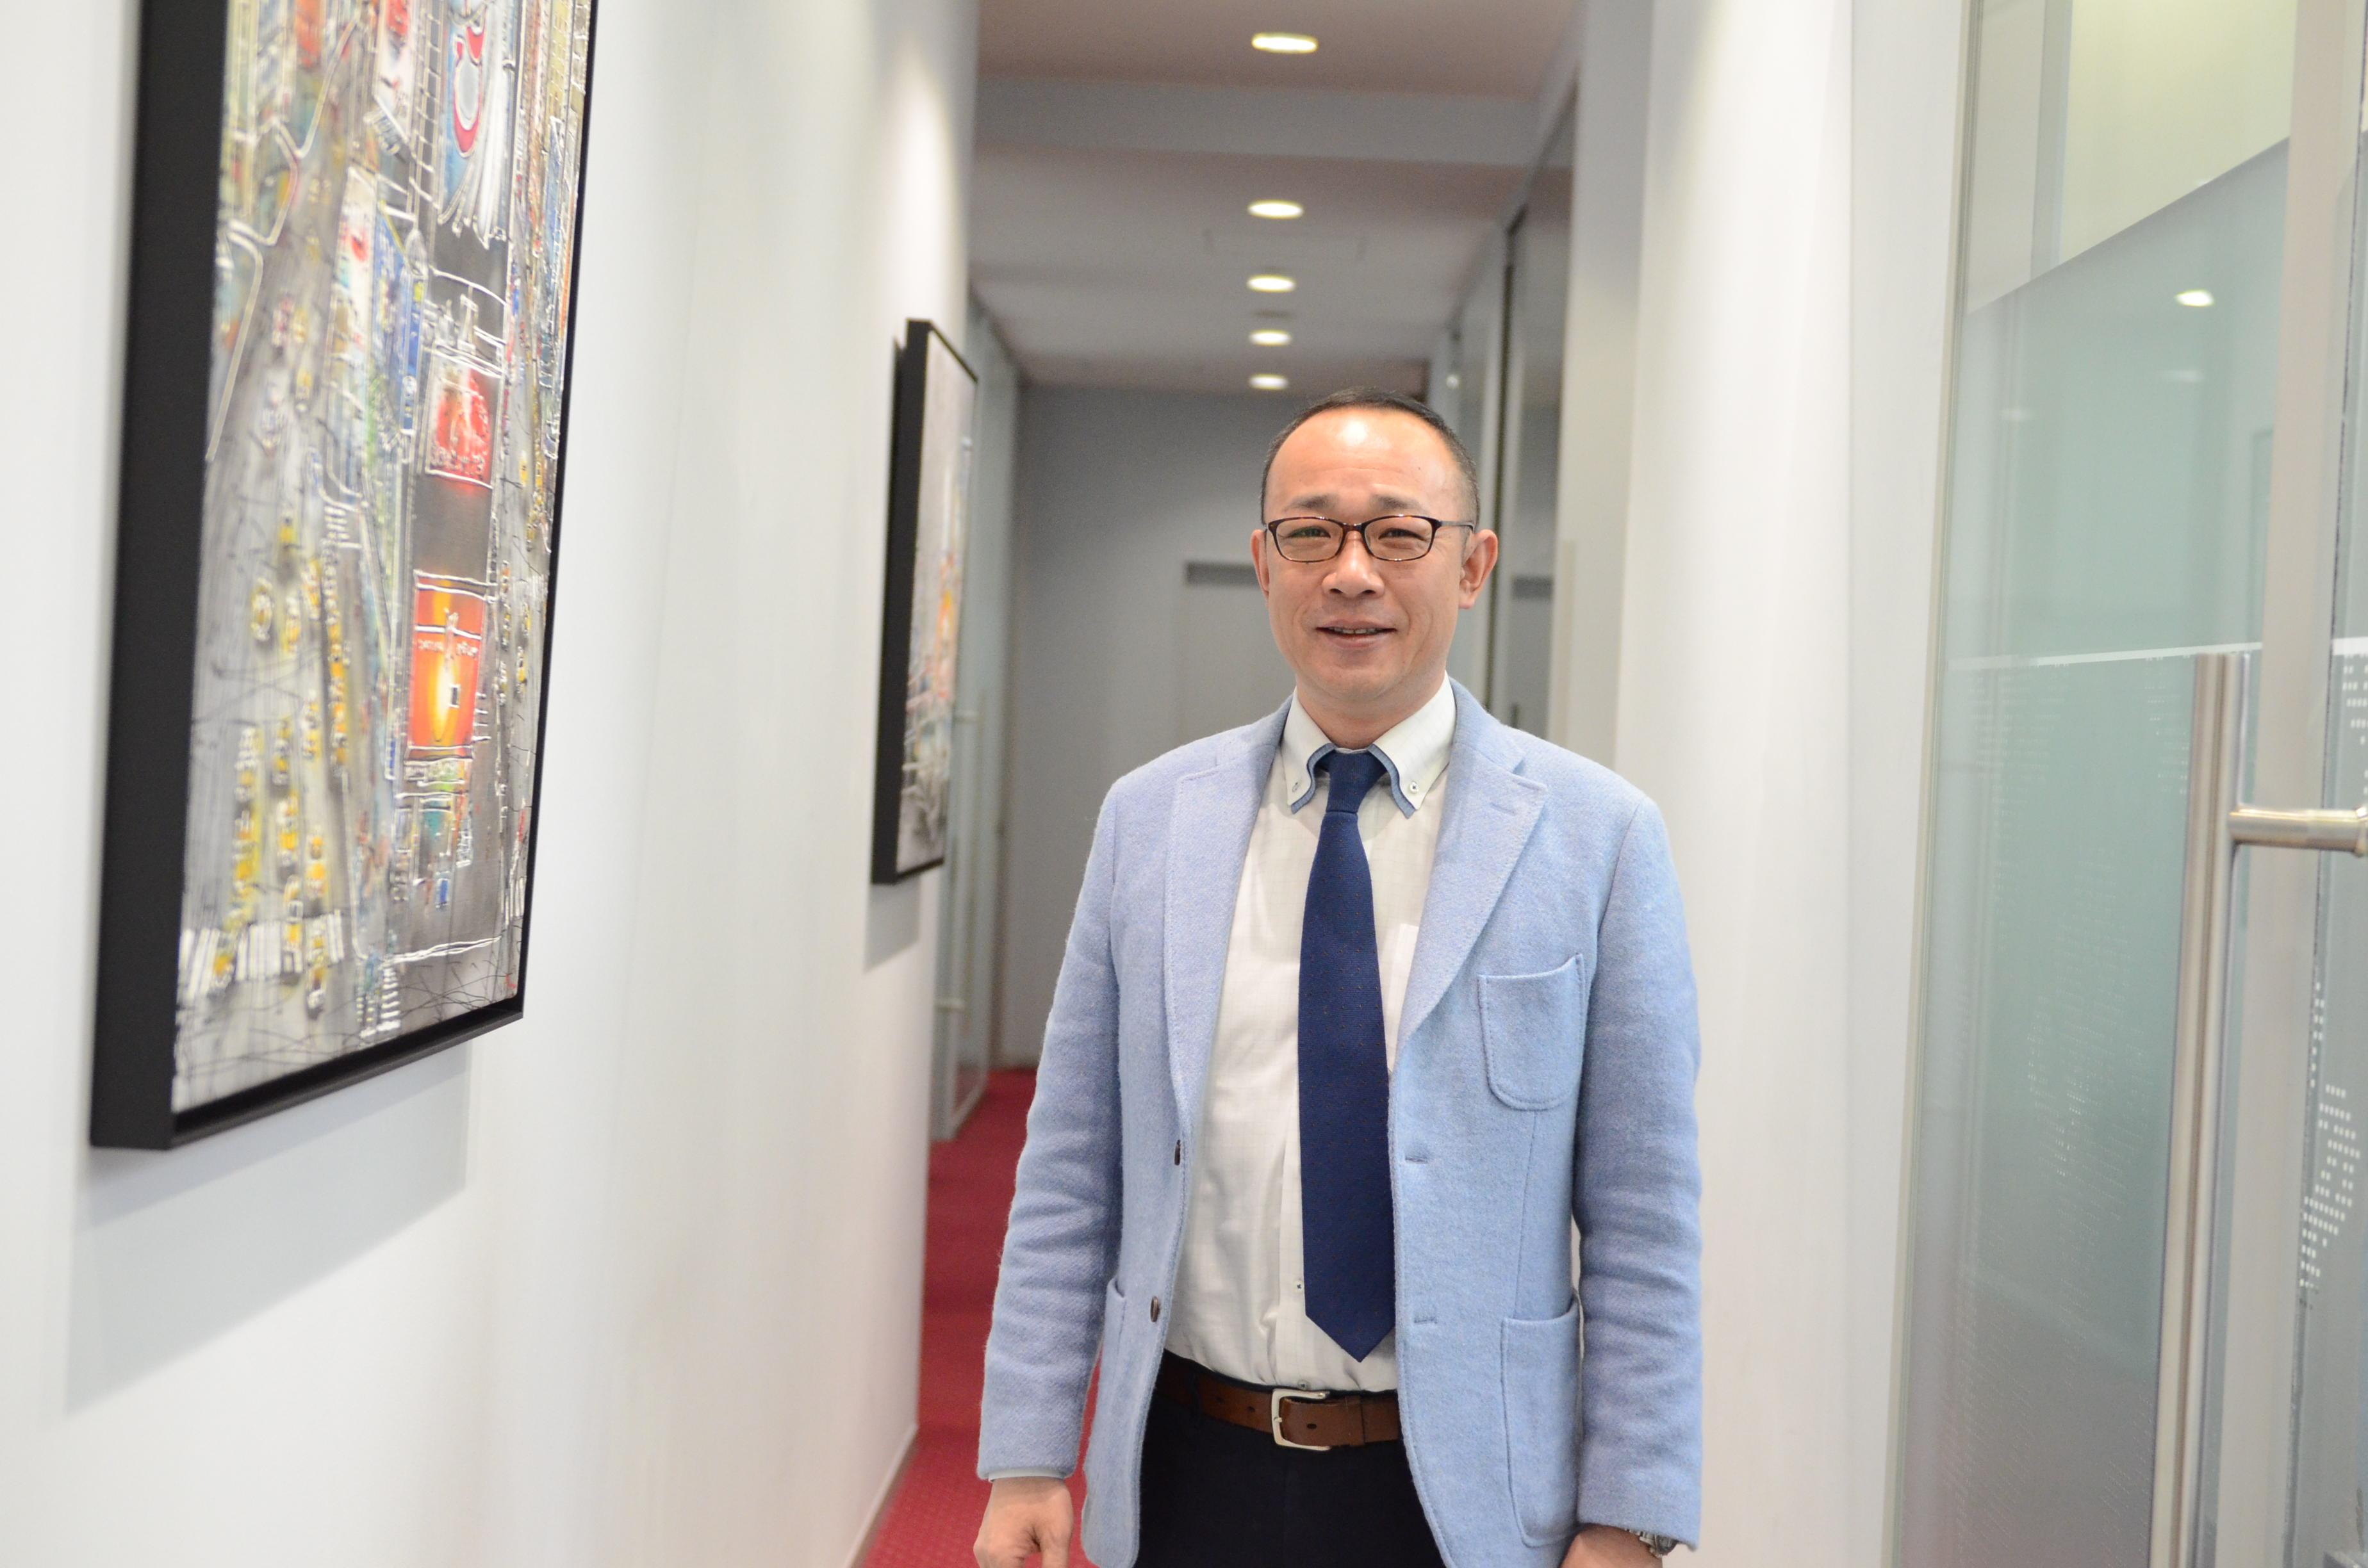 有限会社ディア 代表取締役 關根賢一氏